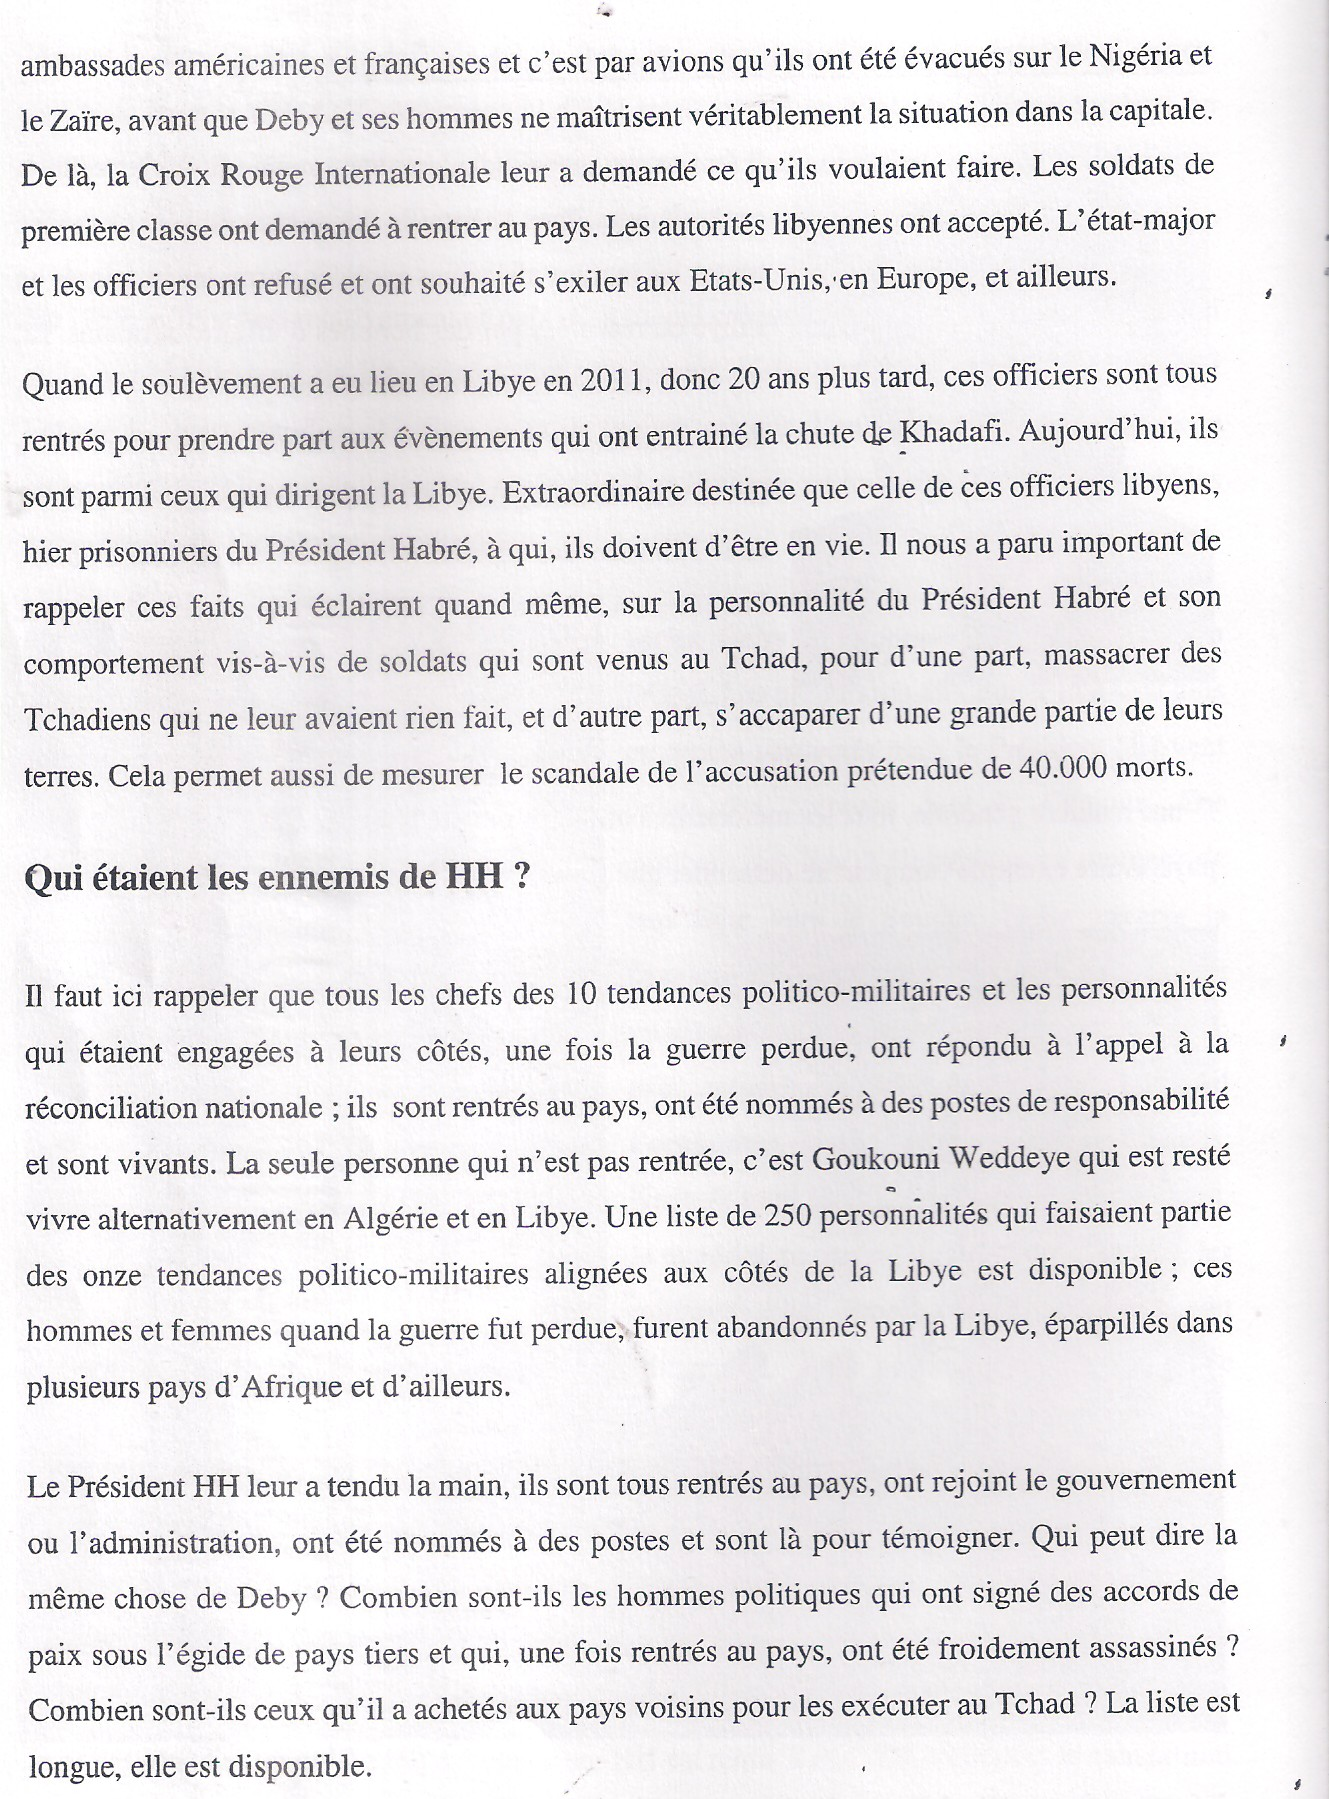 Affaire Habré: Un procès préparé par la Françafrique ?